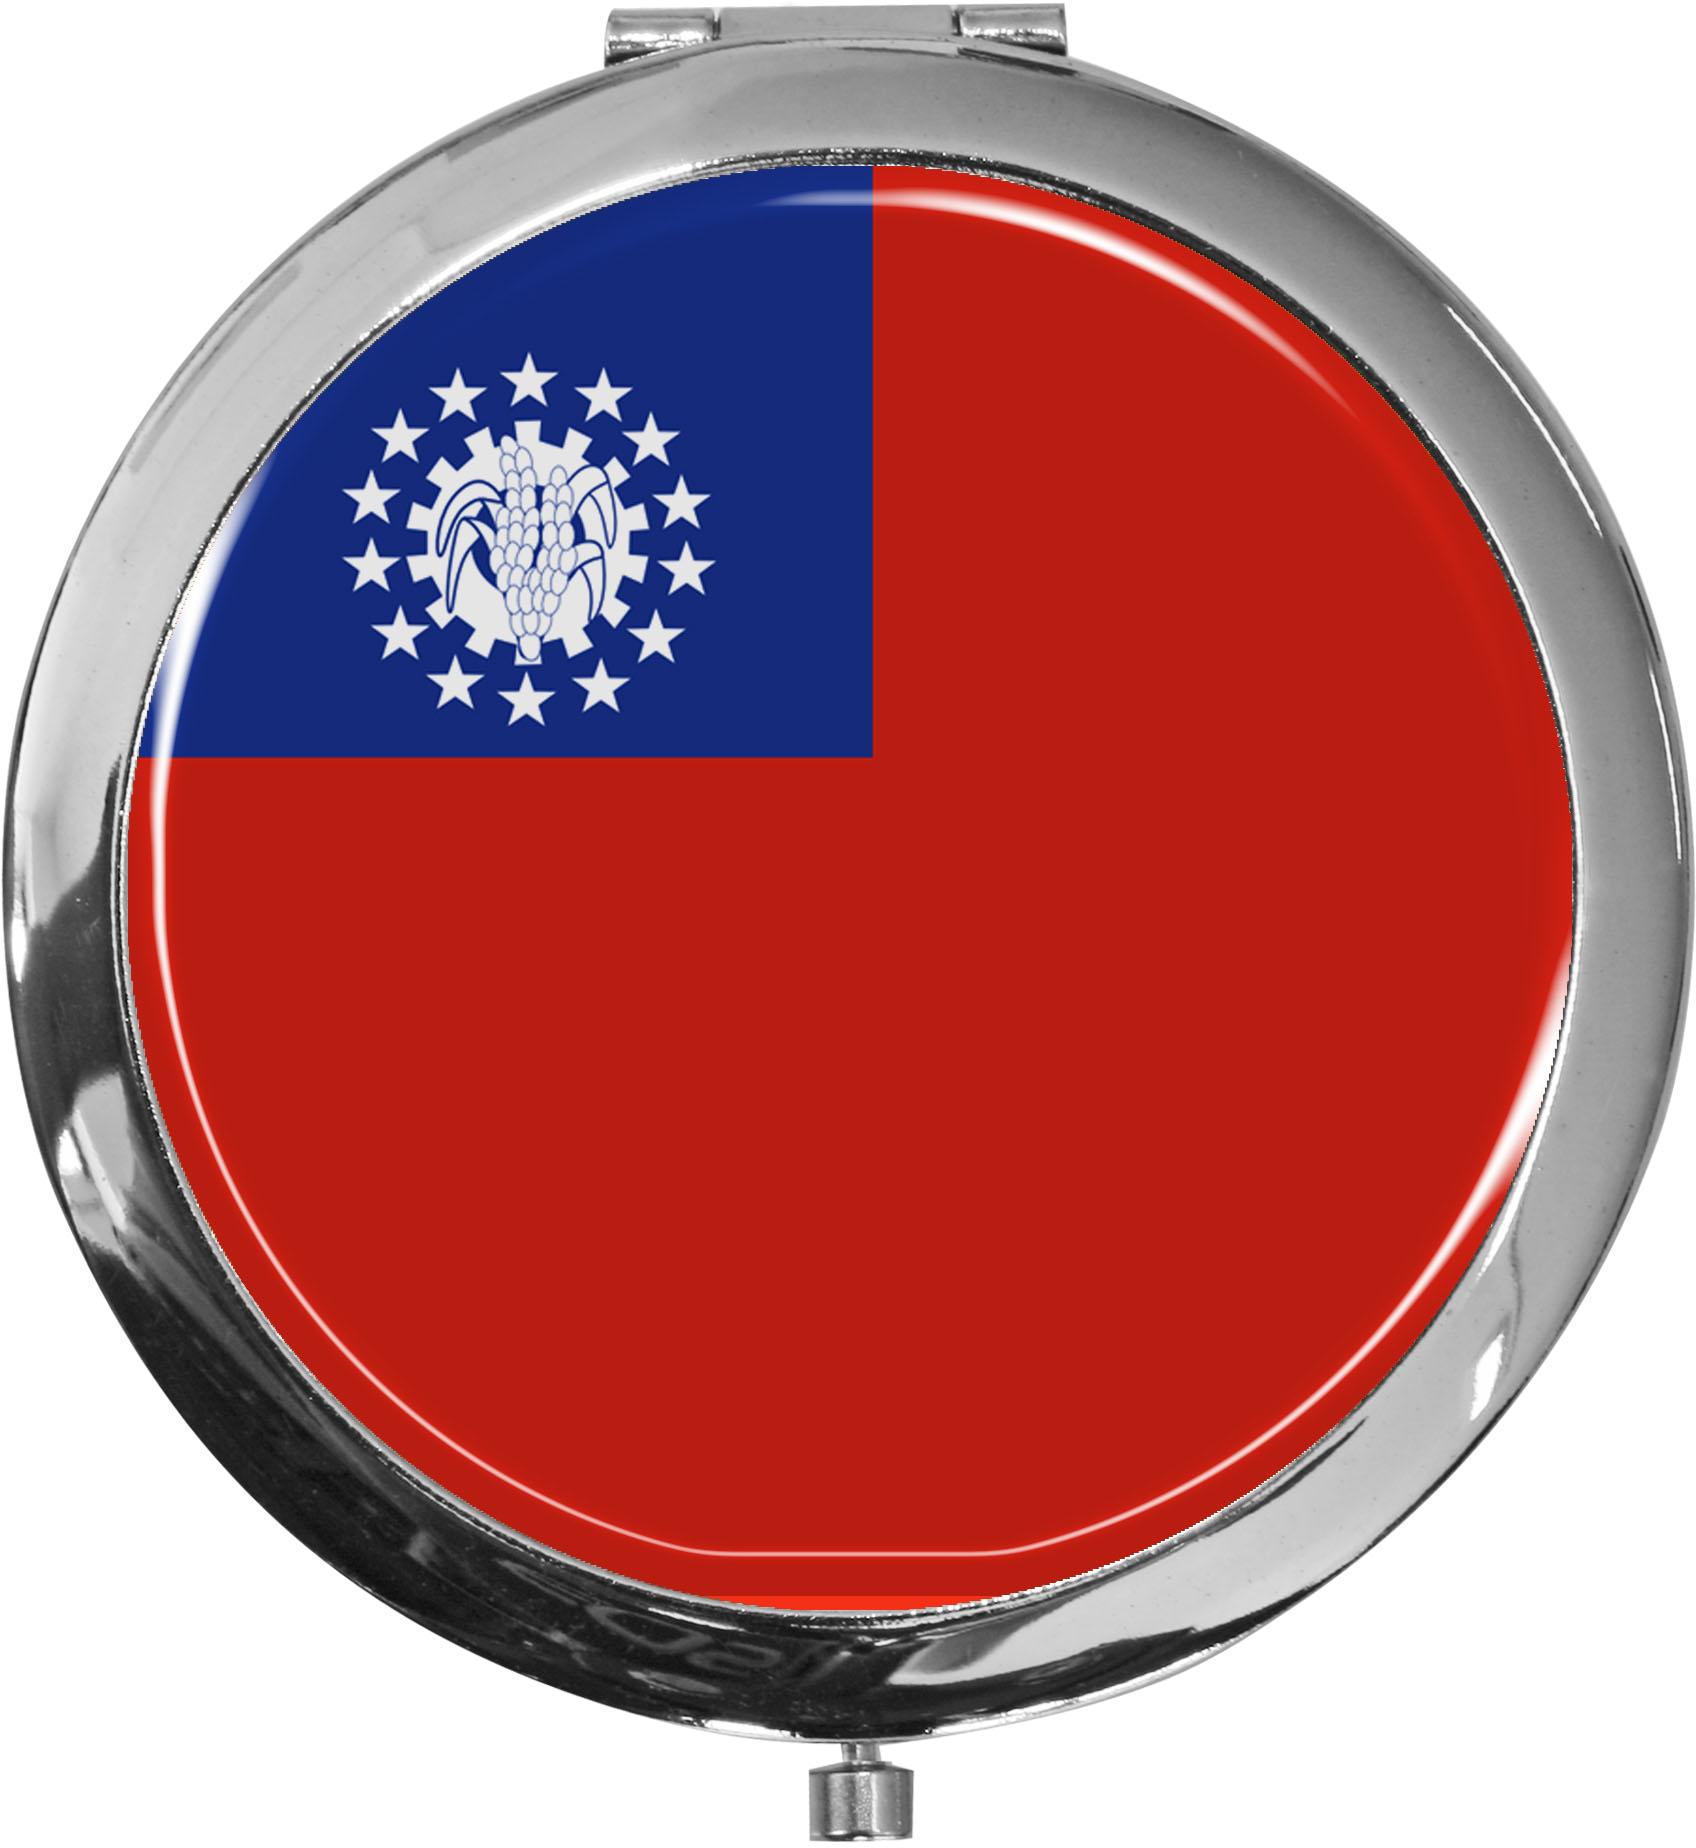 Taschenspiegel / Spiegel / Flagge Myanmar / 2 fache Vergrößerung